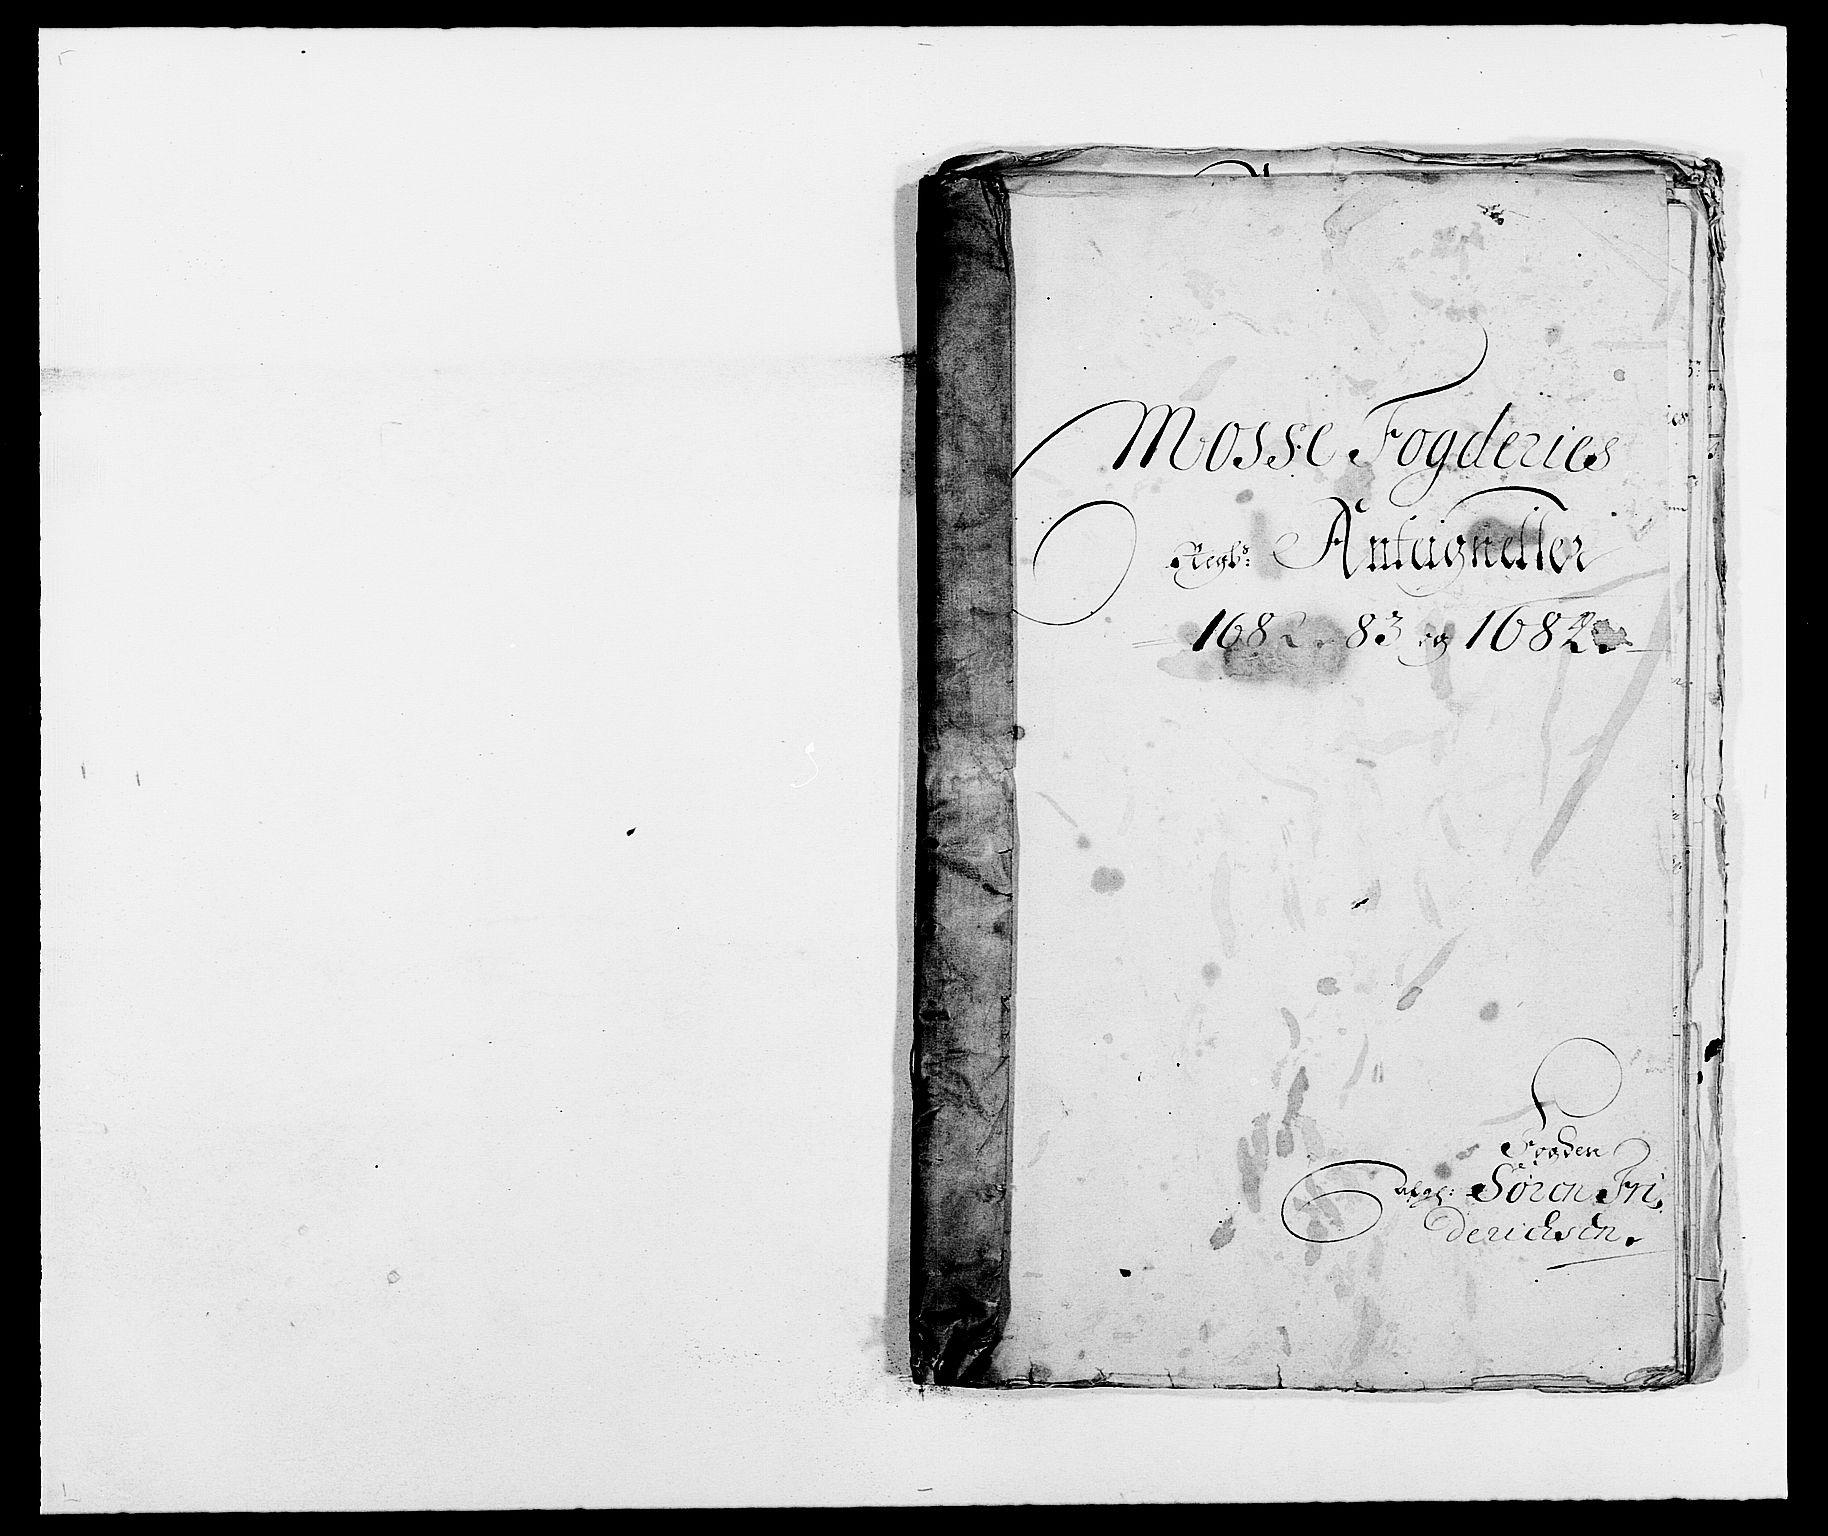 RA, Rentekammeret inntil 1814, Reviderte regnskaper, Fogderegnskap, R02/L0104: Fogderegnskap Moss og Verne kloster, 1682-1684, s. 224